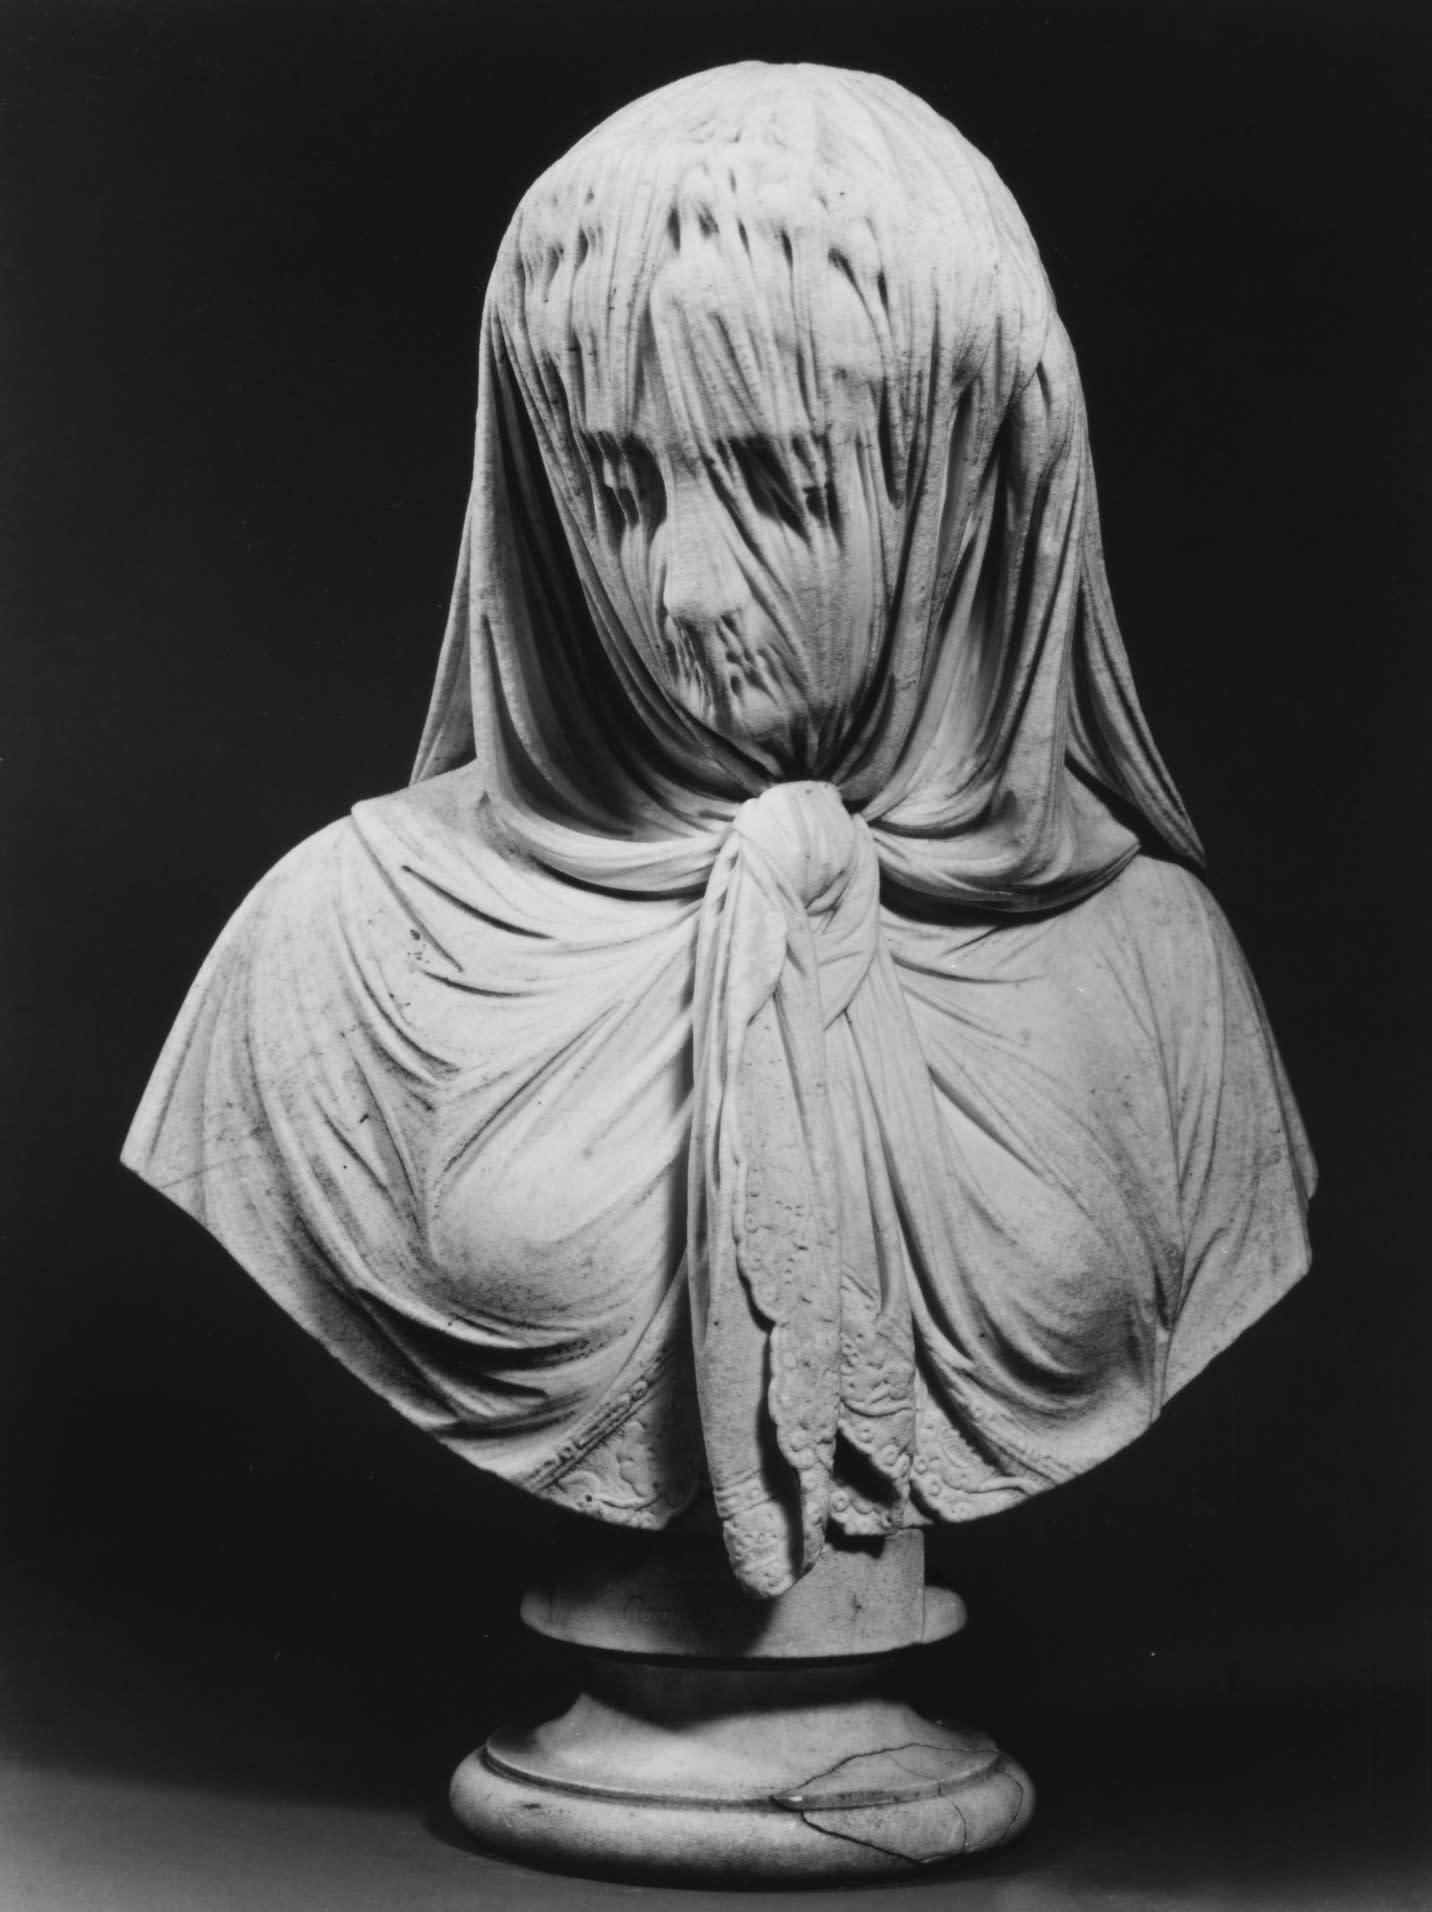 Outro busto de uma mulher que parece coberta por um véu.